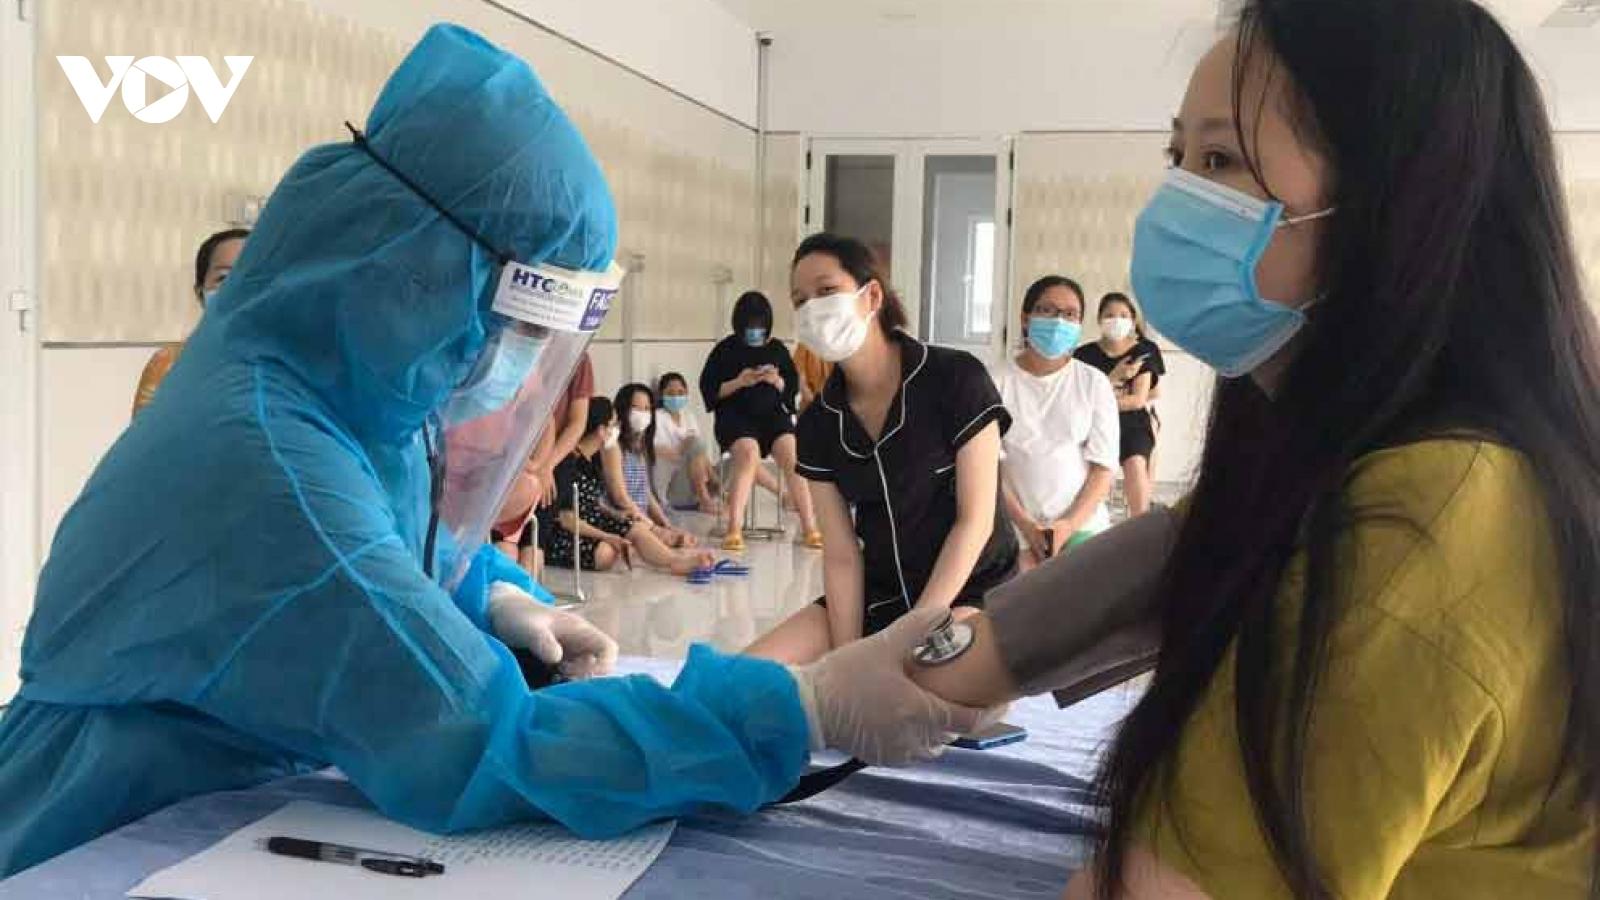 4 bệnh nhân mắc Covid-19 trong cộng đồng ở Bình Dương đã khỏi bệnh